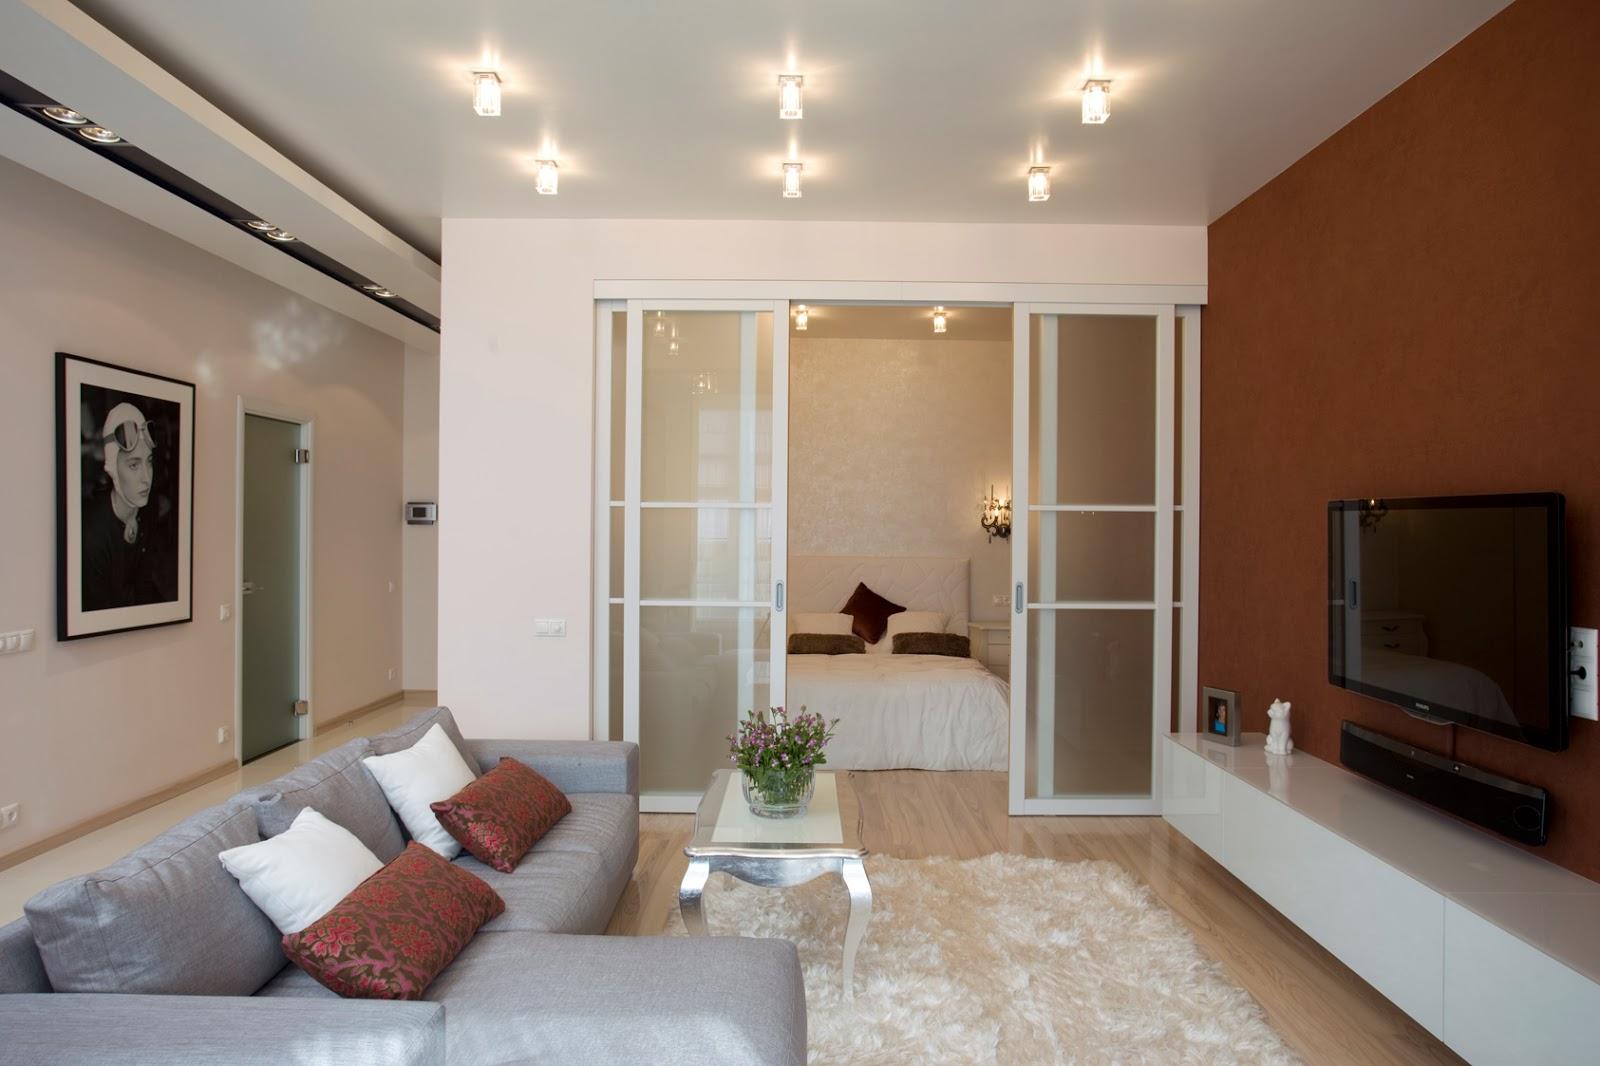 Дизайн однокомнатной квартиры: Однокомнатная квартира на ...